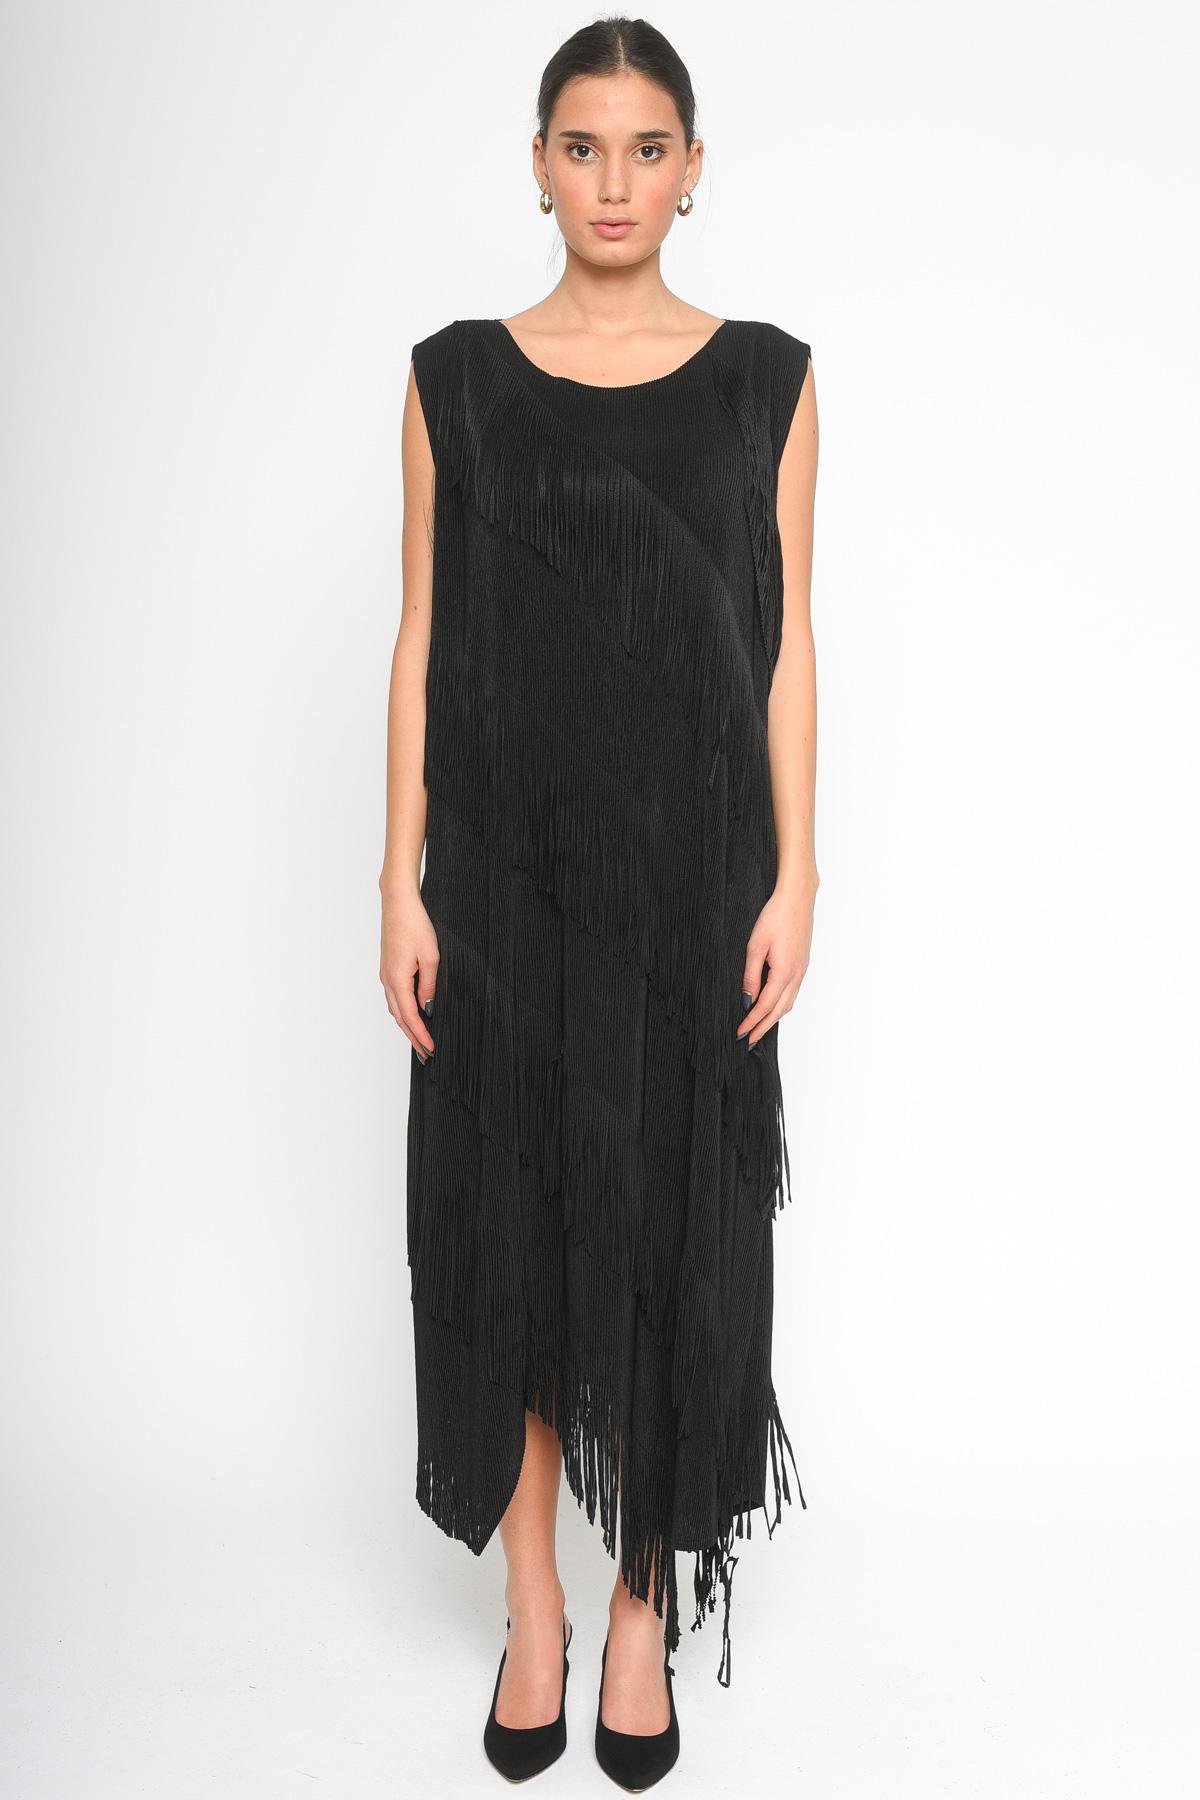 ABITO LUNGO CON FRANGE  for woman - BLACK - Paquito Pronto Moda Shop Online